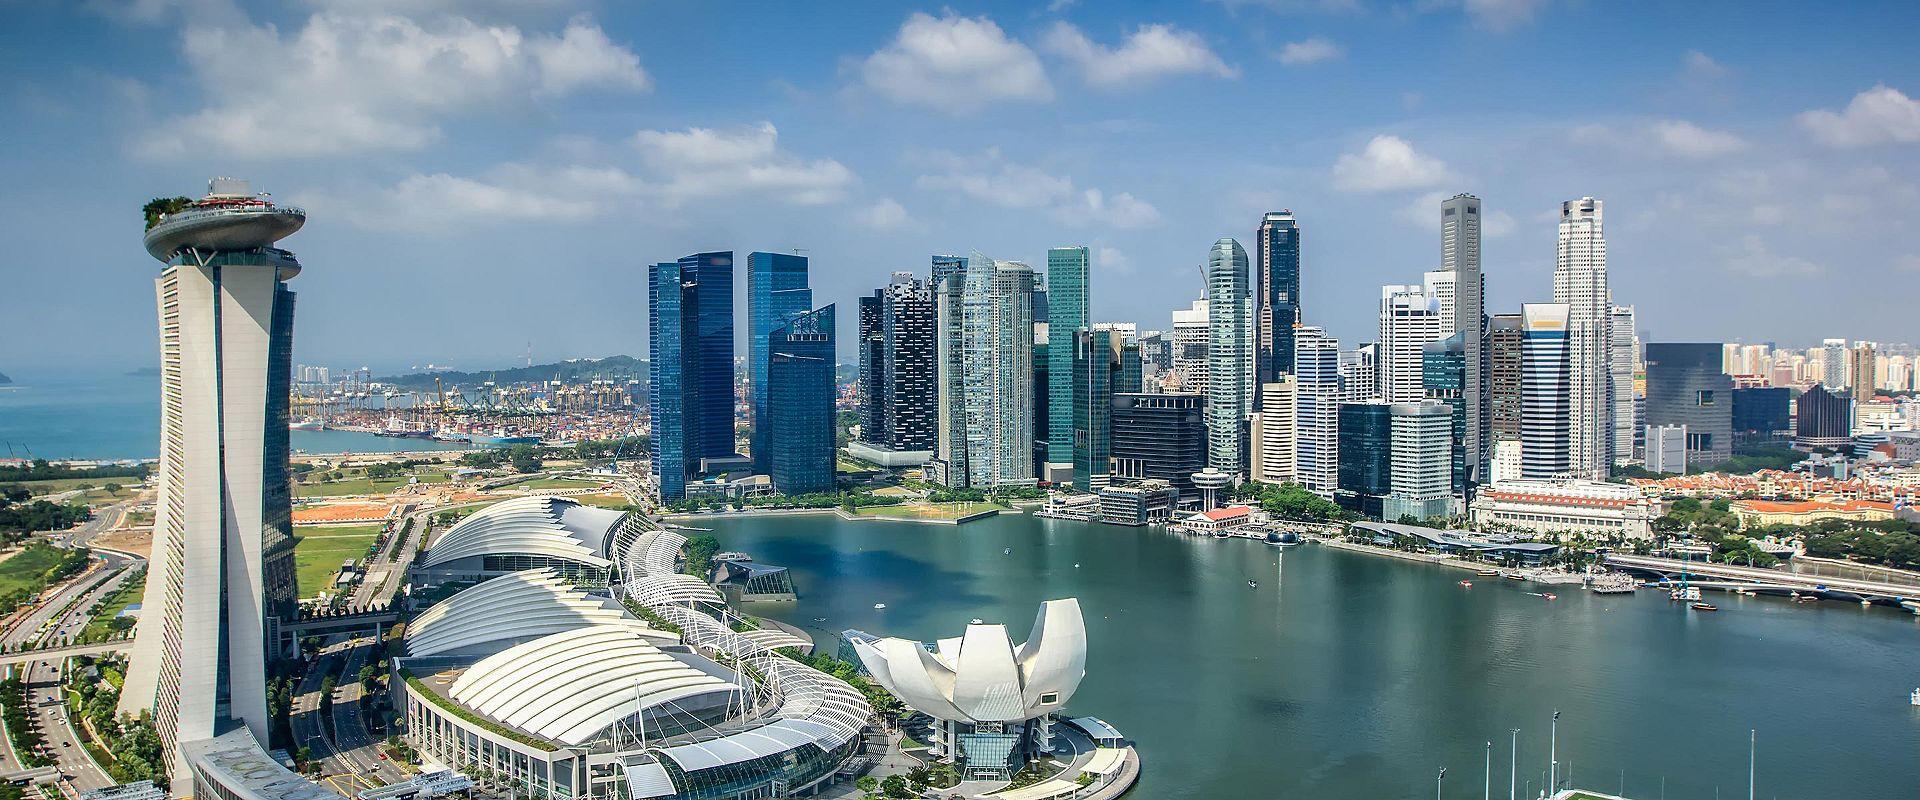 天津発 シンガポール着 アジアクルーズ 12泊13日